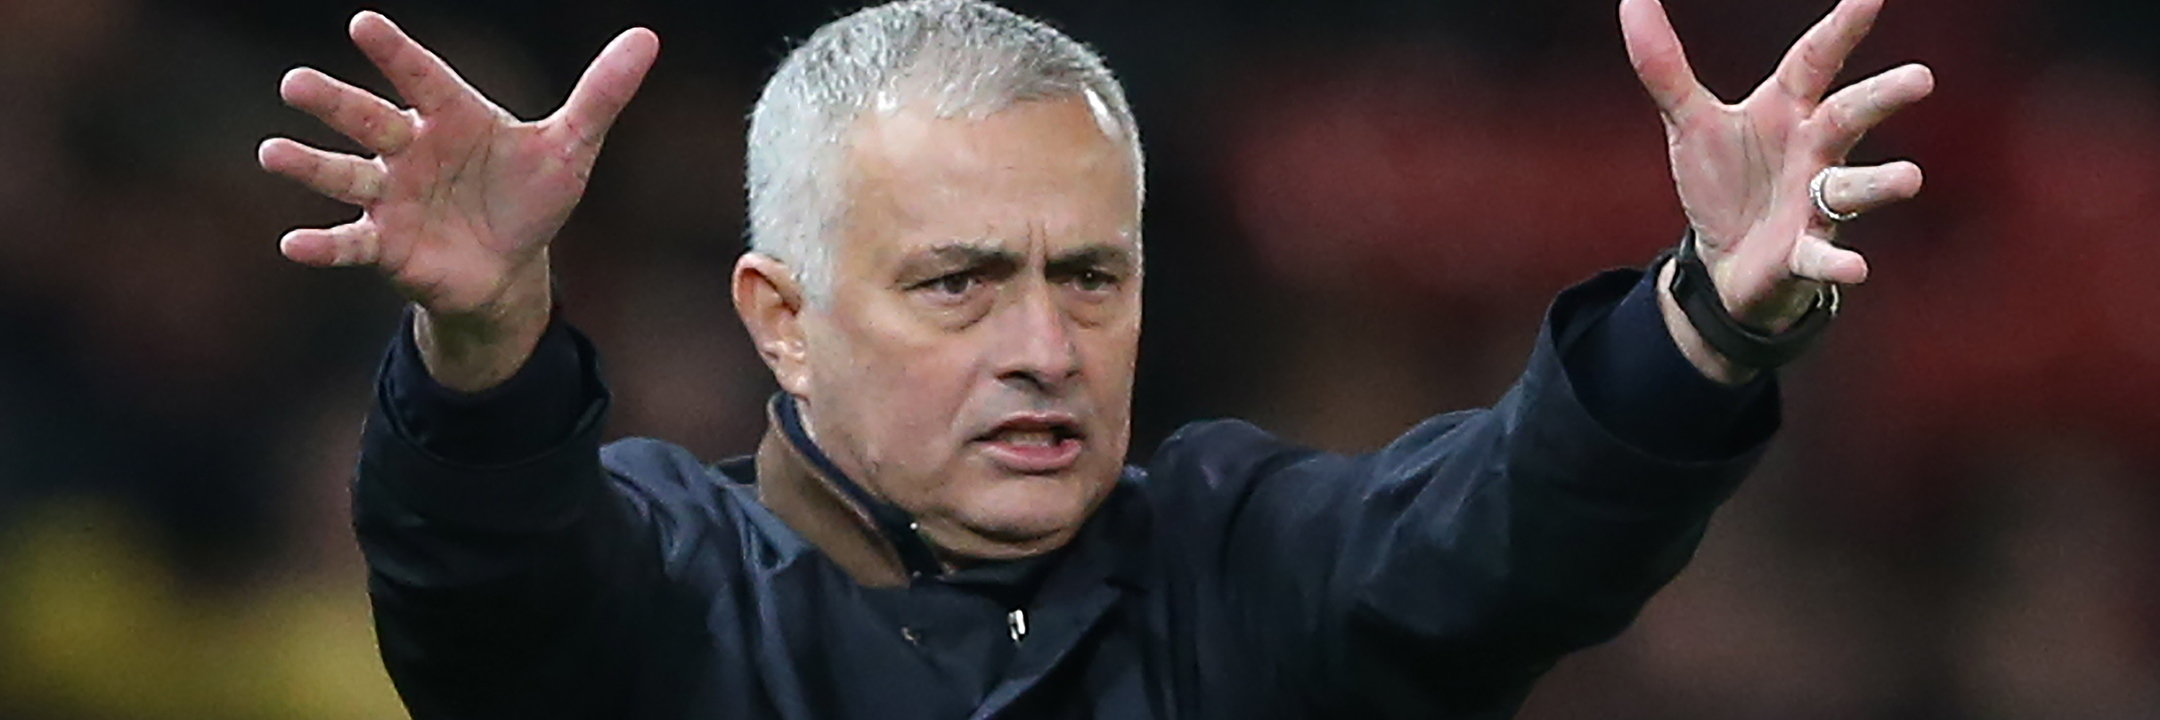 José Mourinho terá recusado proposta milionária de 35 milhões por ano